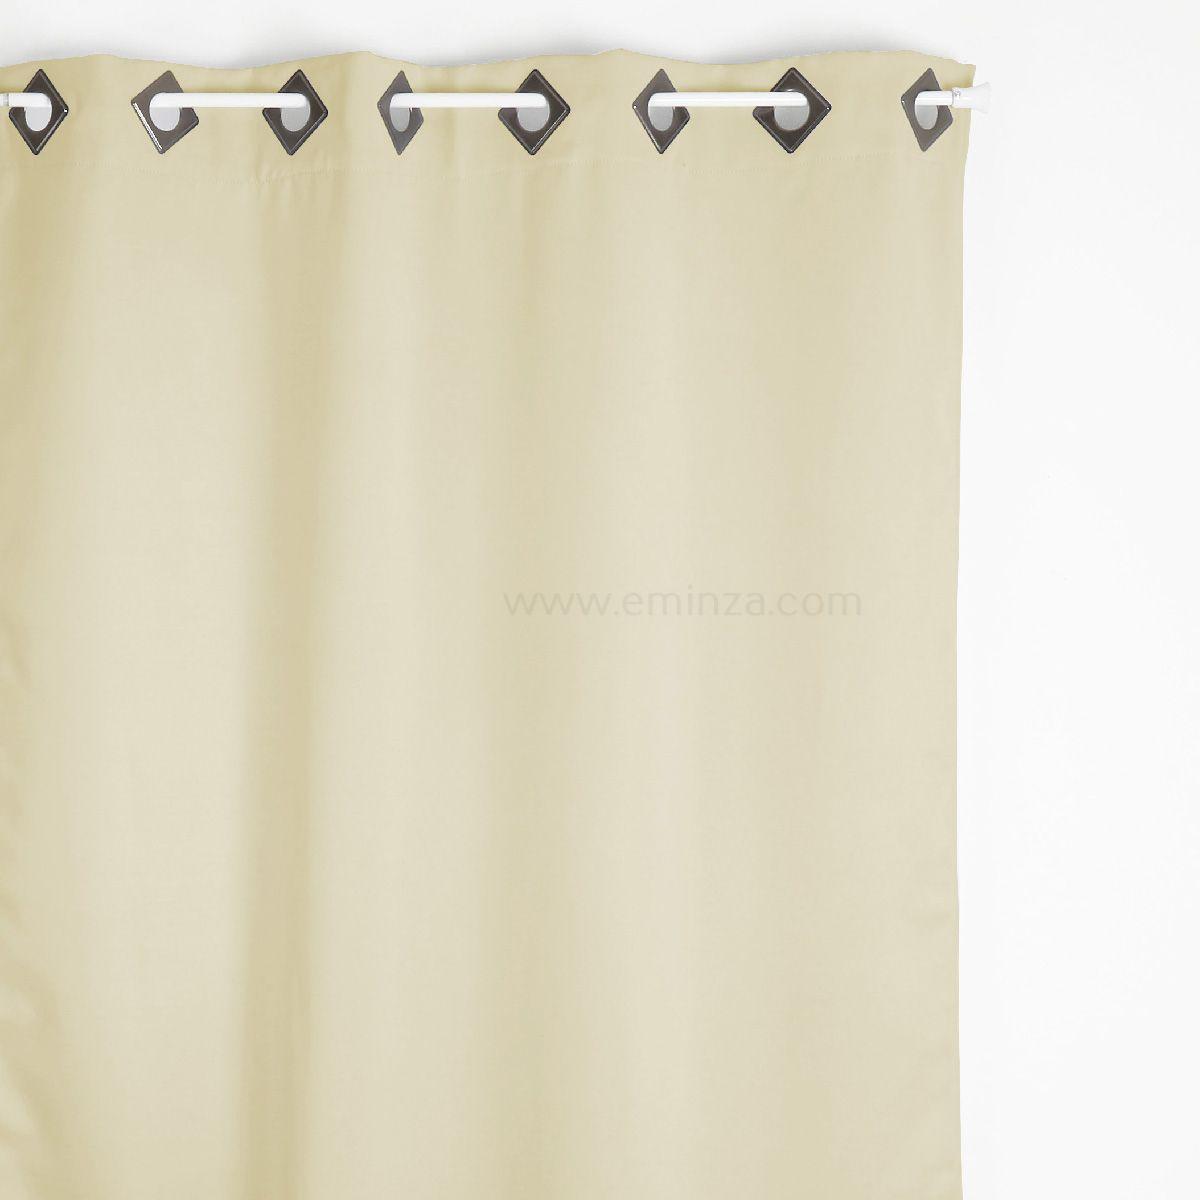 rideau occultant 140 x h260 cm cocoon ecru rideau occultant eminza. Black Bedroom Furniture Sets. Home Design Ideas